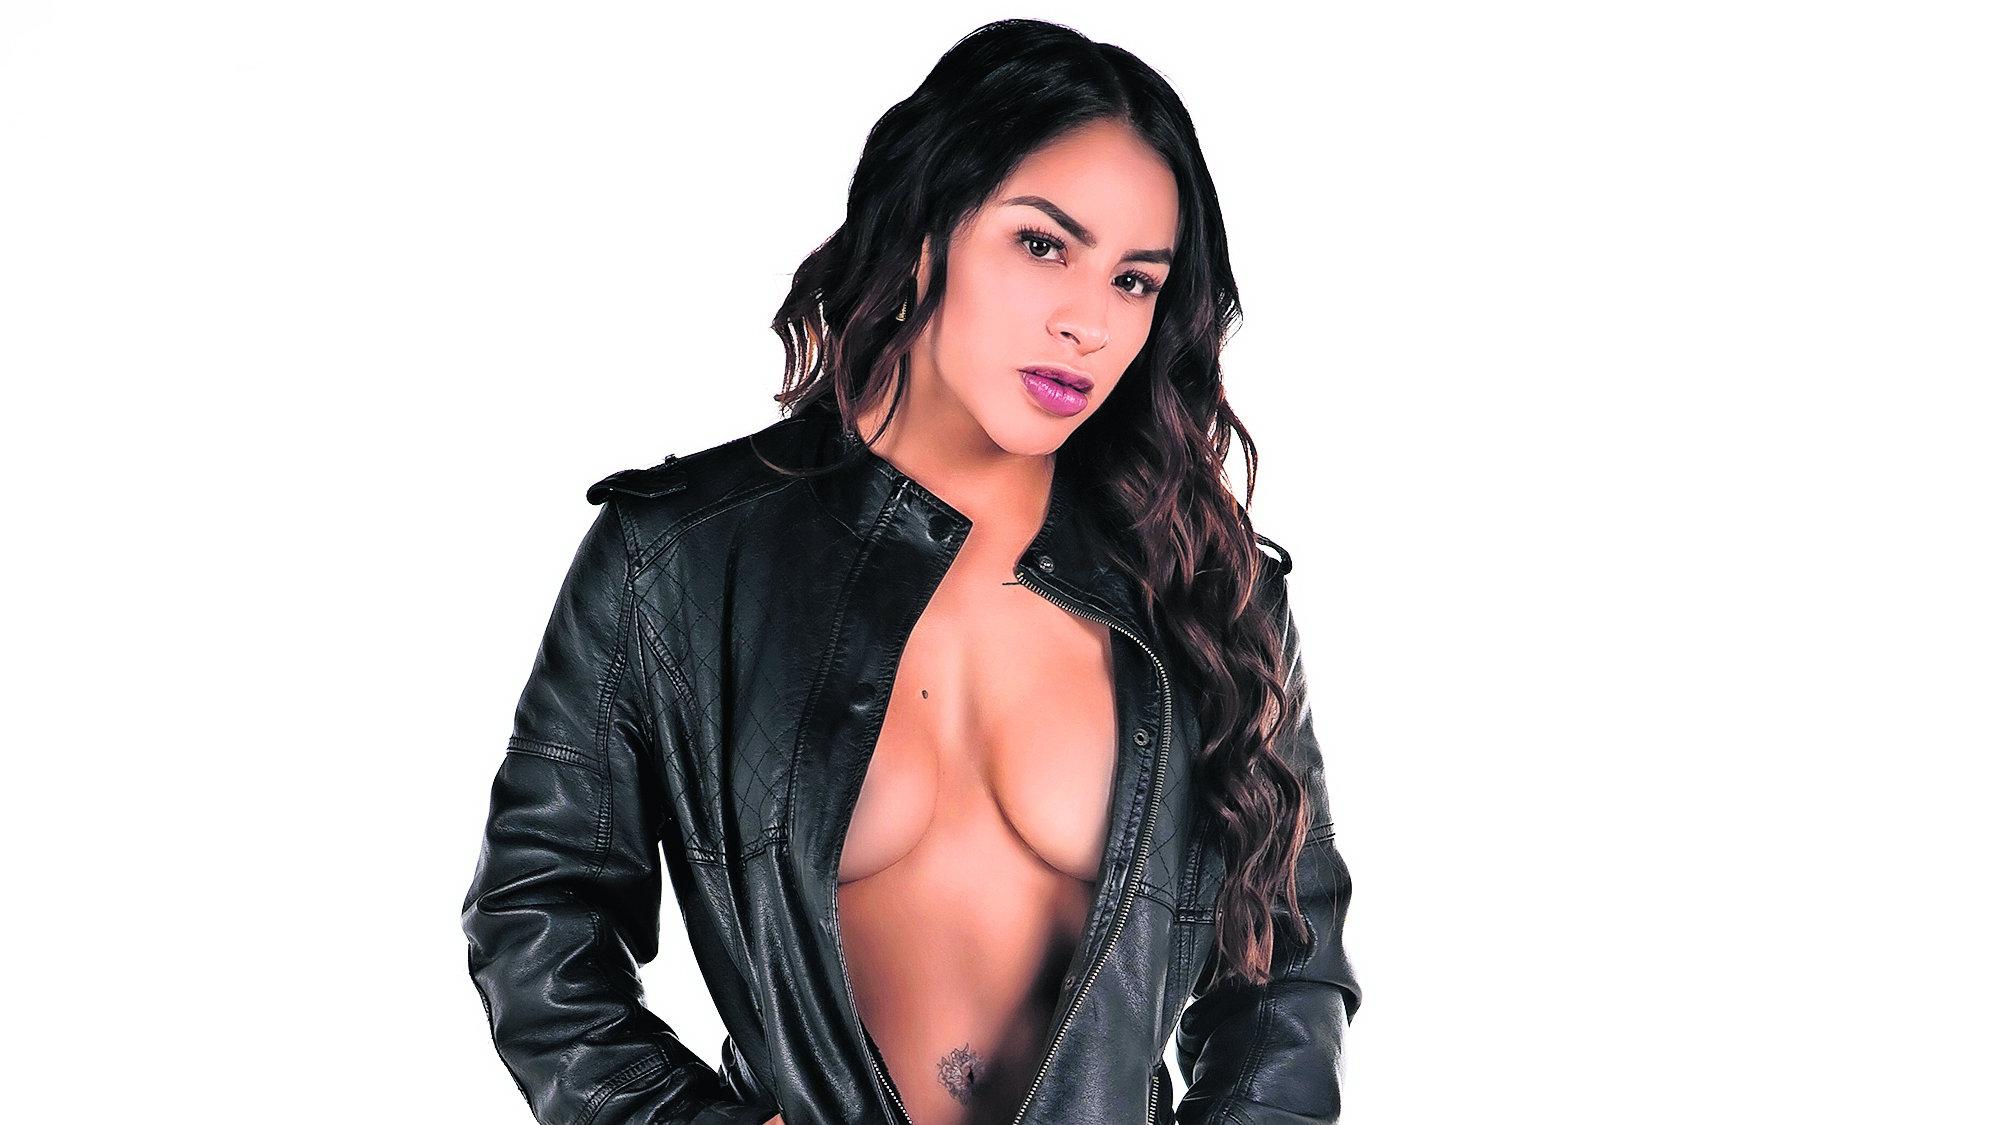 modelo mexicana Ferbella